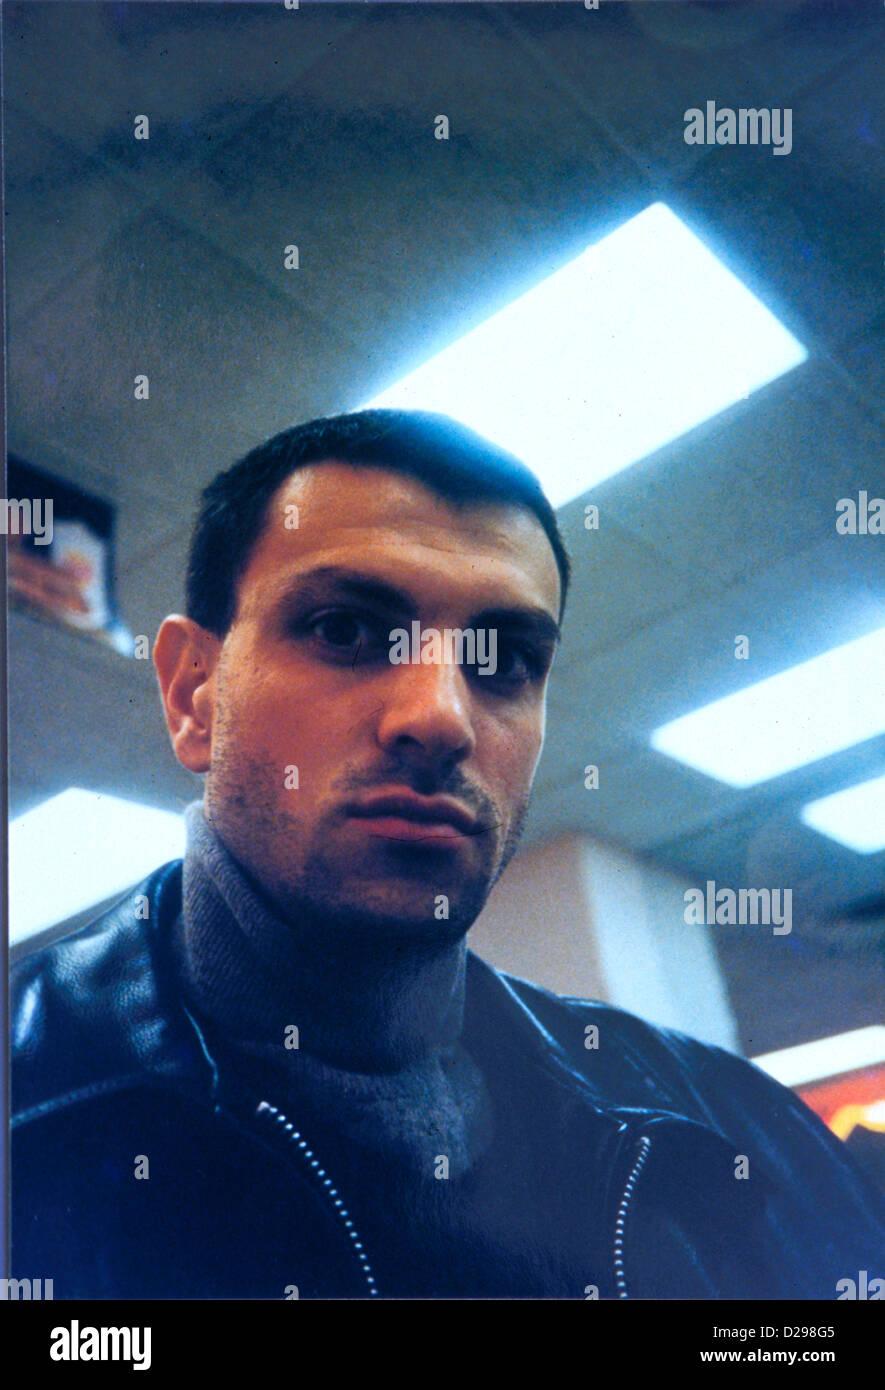 El hombre en su 30'S con cabello oscuro y chaqueta de cuero negro, en serio. Imagen De Stock